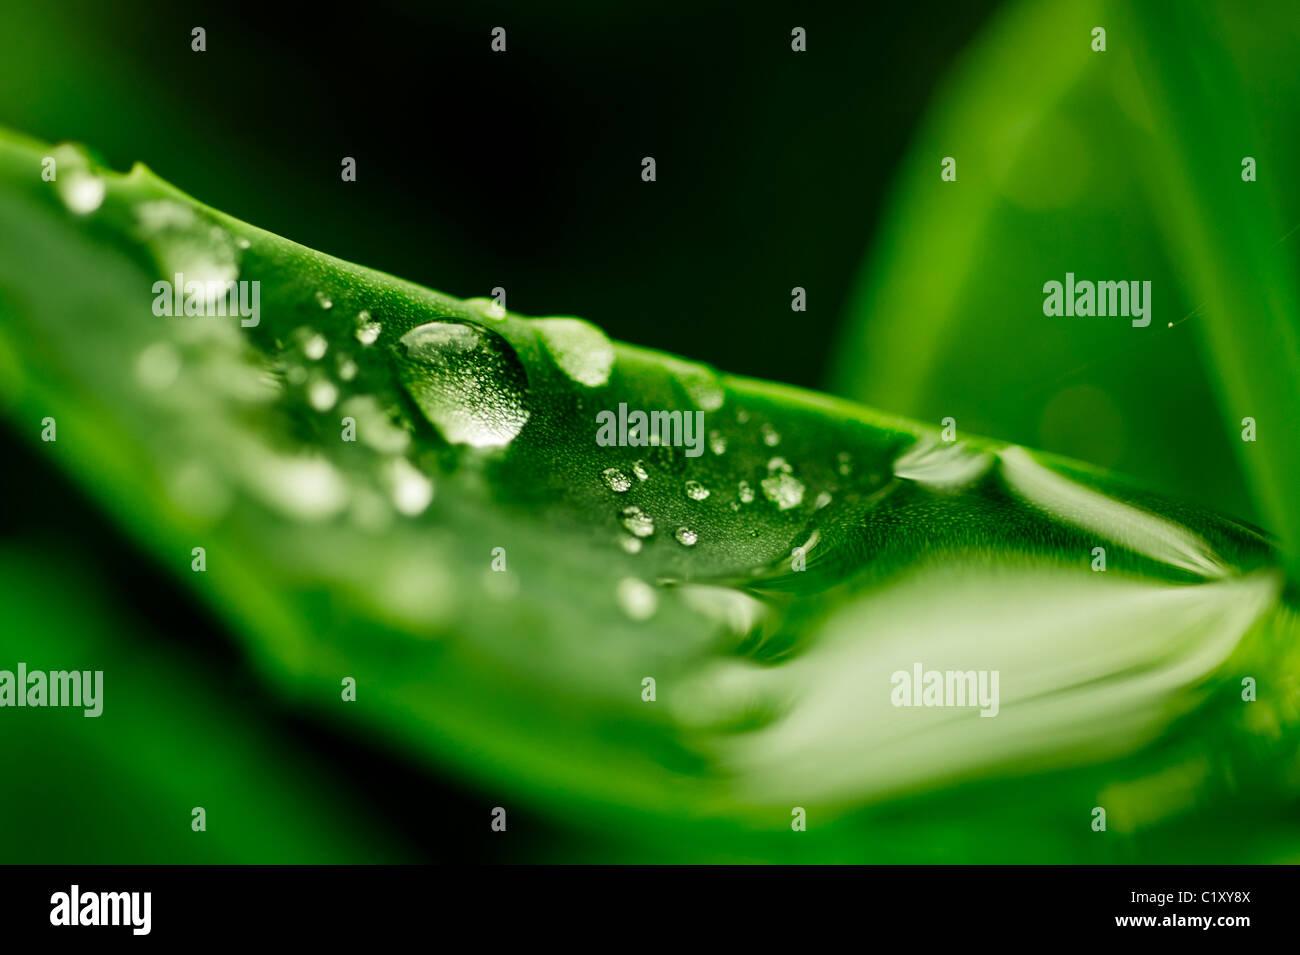 Gocce di acqua su un vibrante foglia verde Immagini Stock